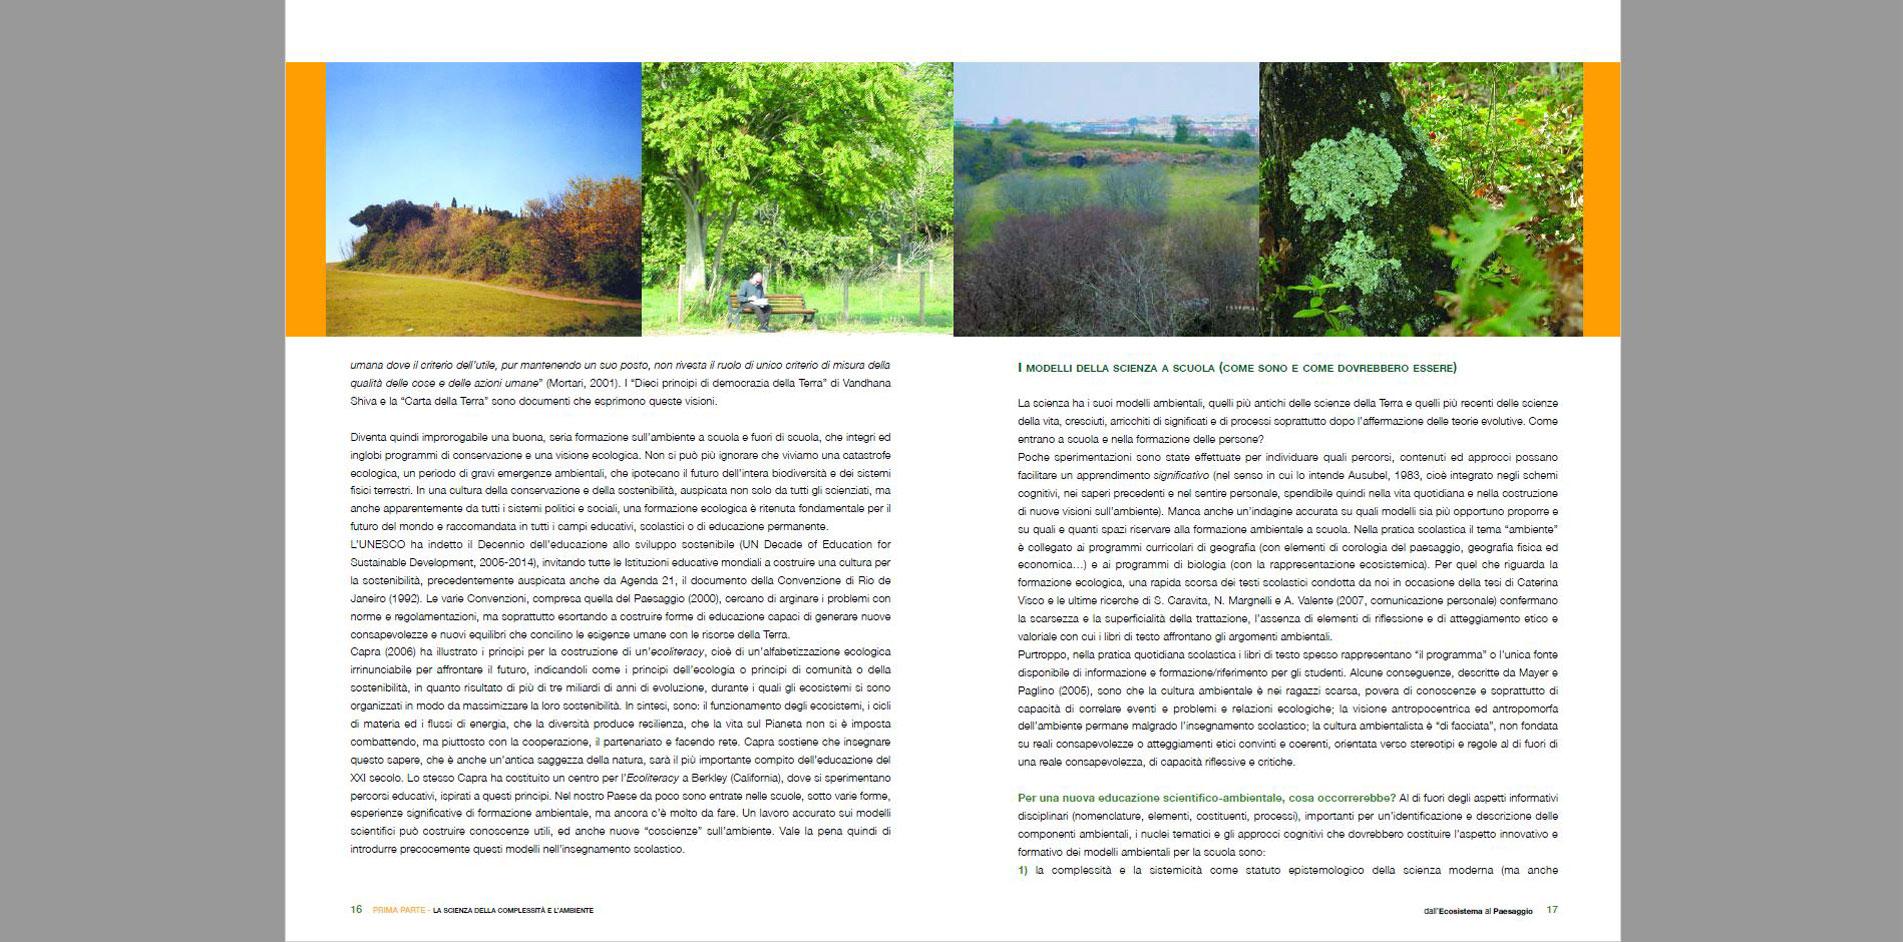 Attività didattiche su ecosistema e paesaggio